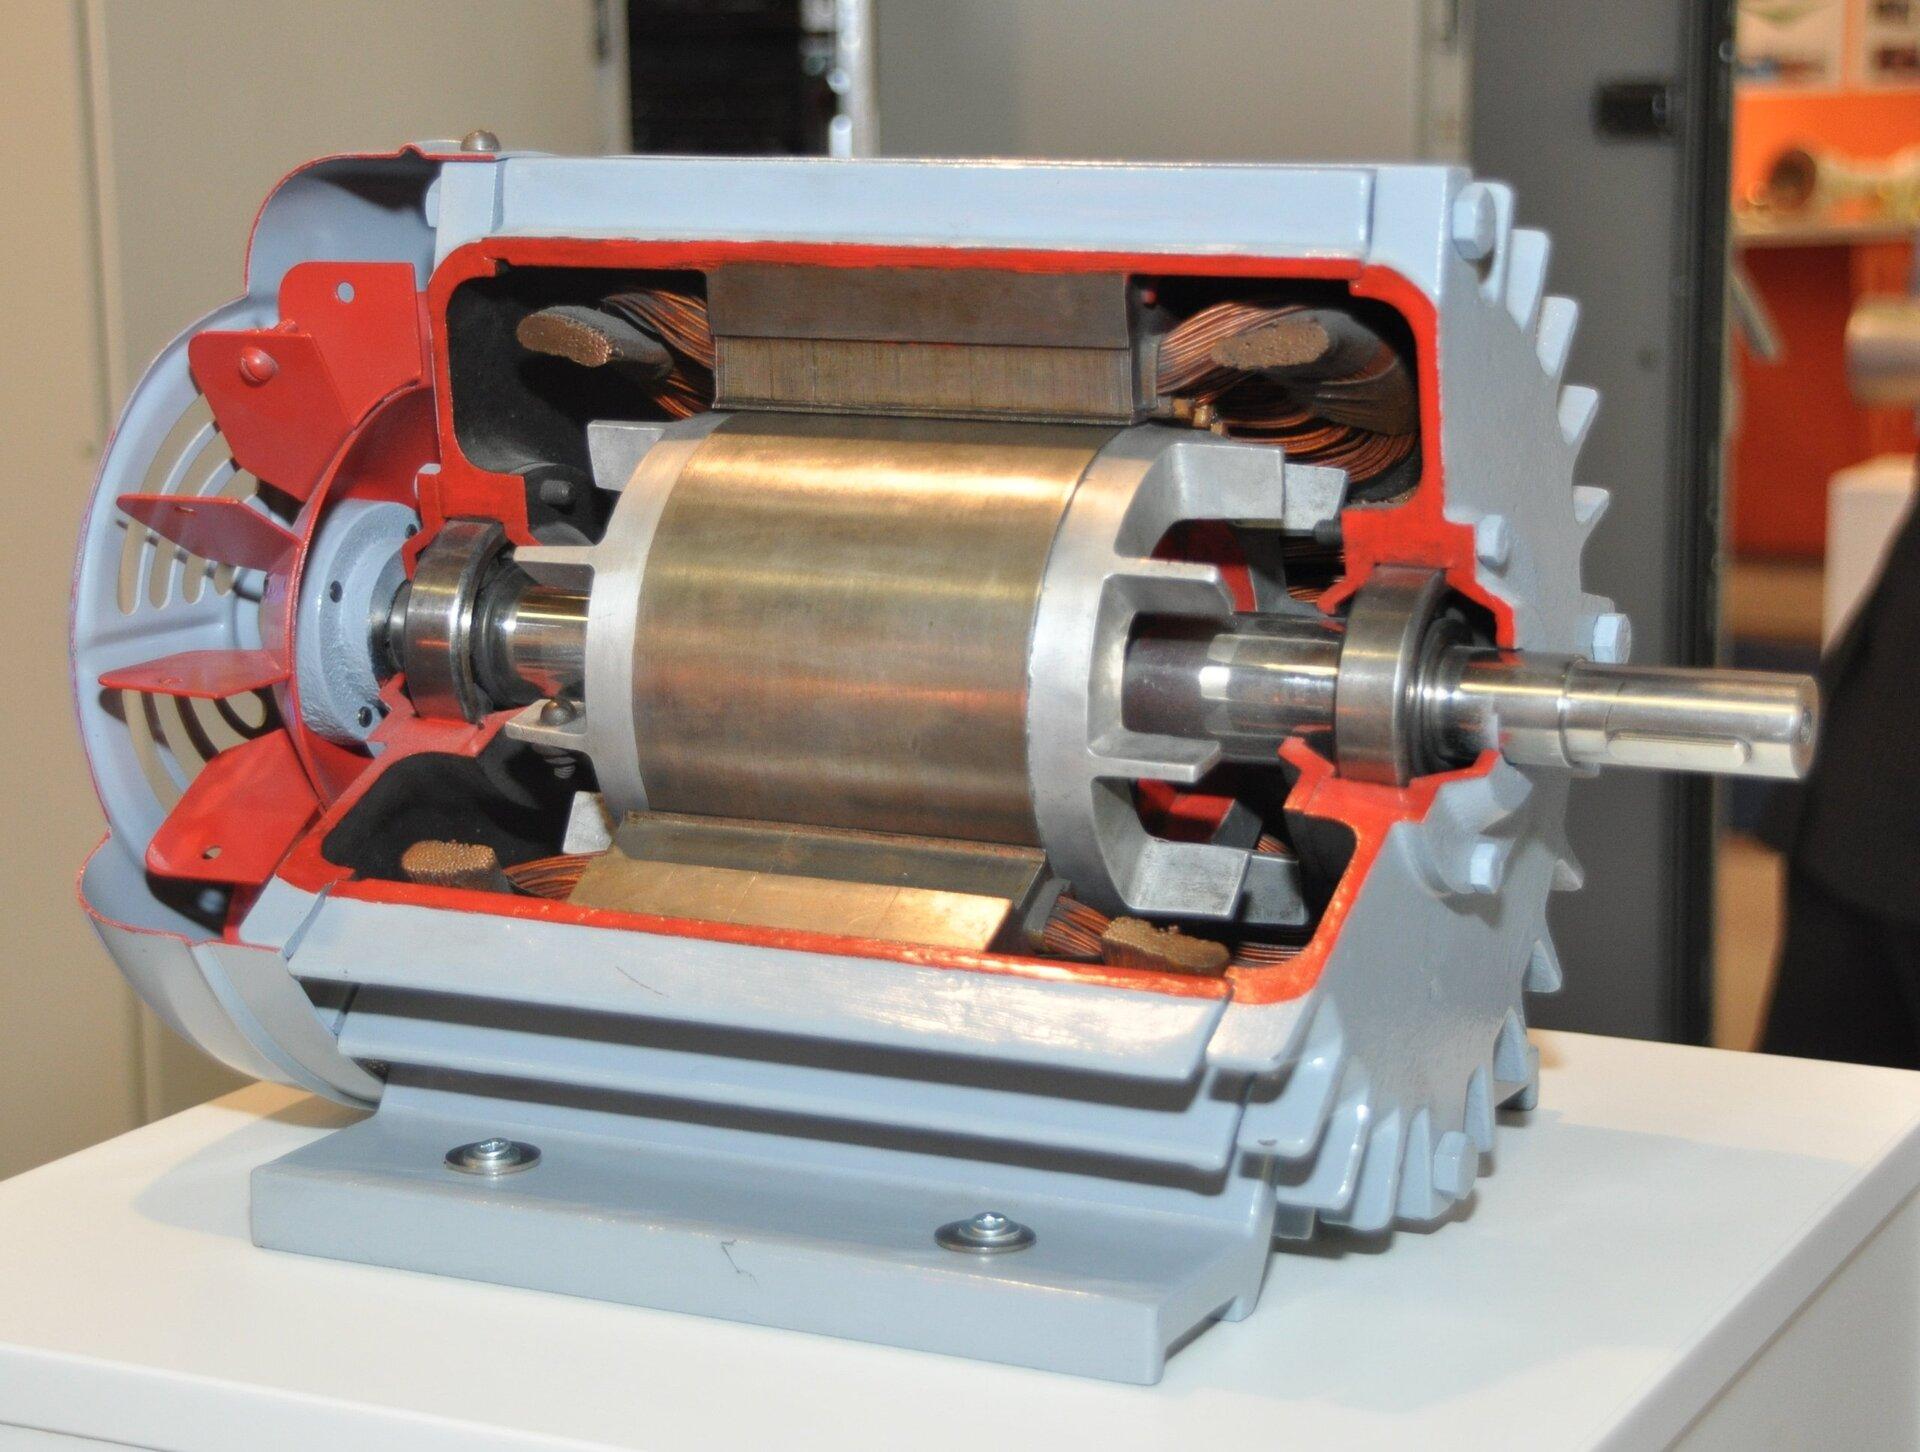 На фото представлена демонстрационная часть электродвигателя. примерно треть корпуса срезана, чтобы показать внутреннюю структуру устройства. В центральной части находится ротор, т.е. вращающаяся часть. Он имеет форму длинного вала, к которому прикреплен металлический цилиндр неправильной формы, окруженный листом, который действует как коммутатор. Коммутатор вверху и внизу поперечного сечения контактирует с металлическими щетками, к которым подключен пучок электрических кабелей. Внешняя часть корпуса двигателя окрашена в серебристый цвет, а внутренняя часть выделена красным.